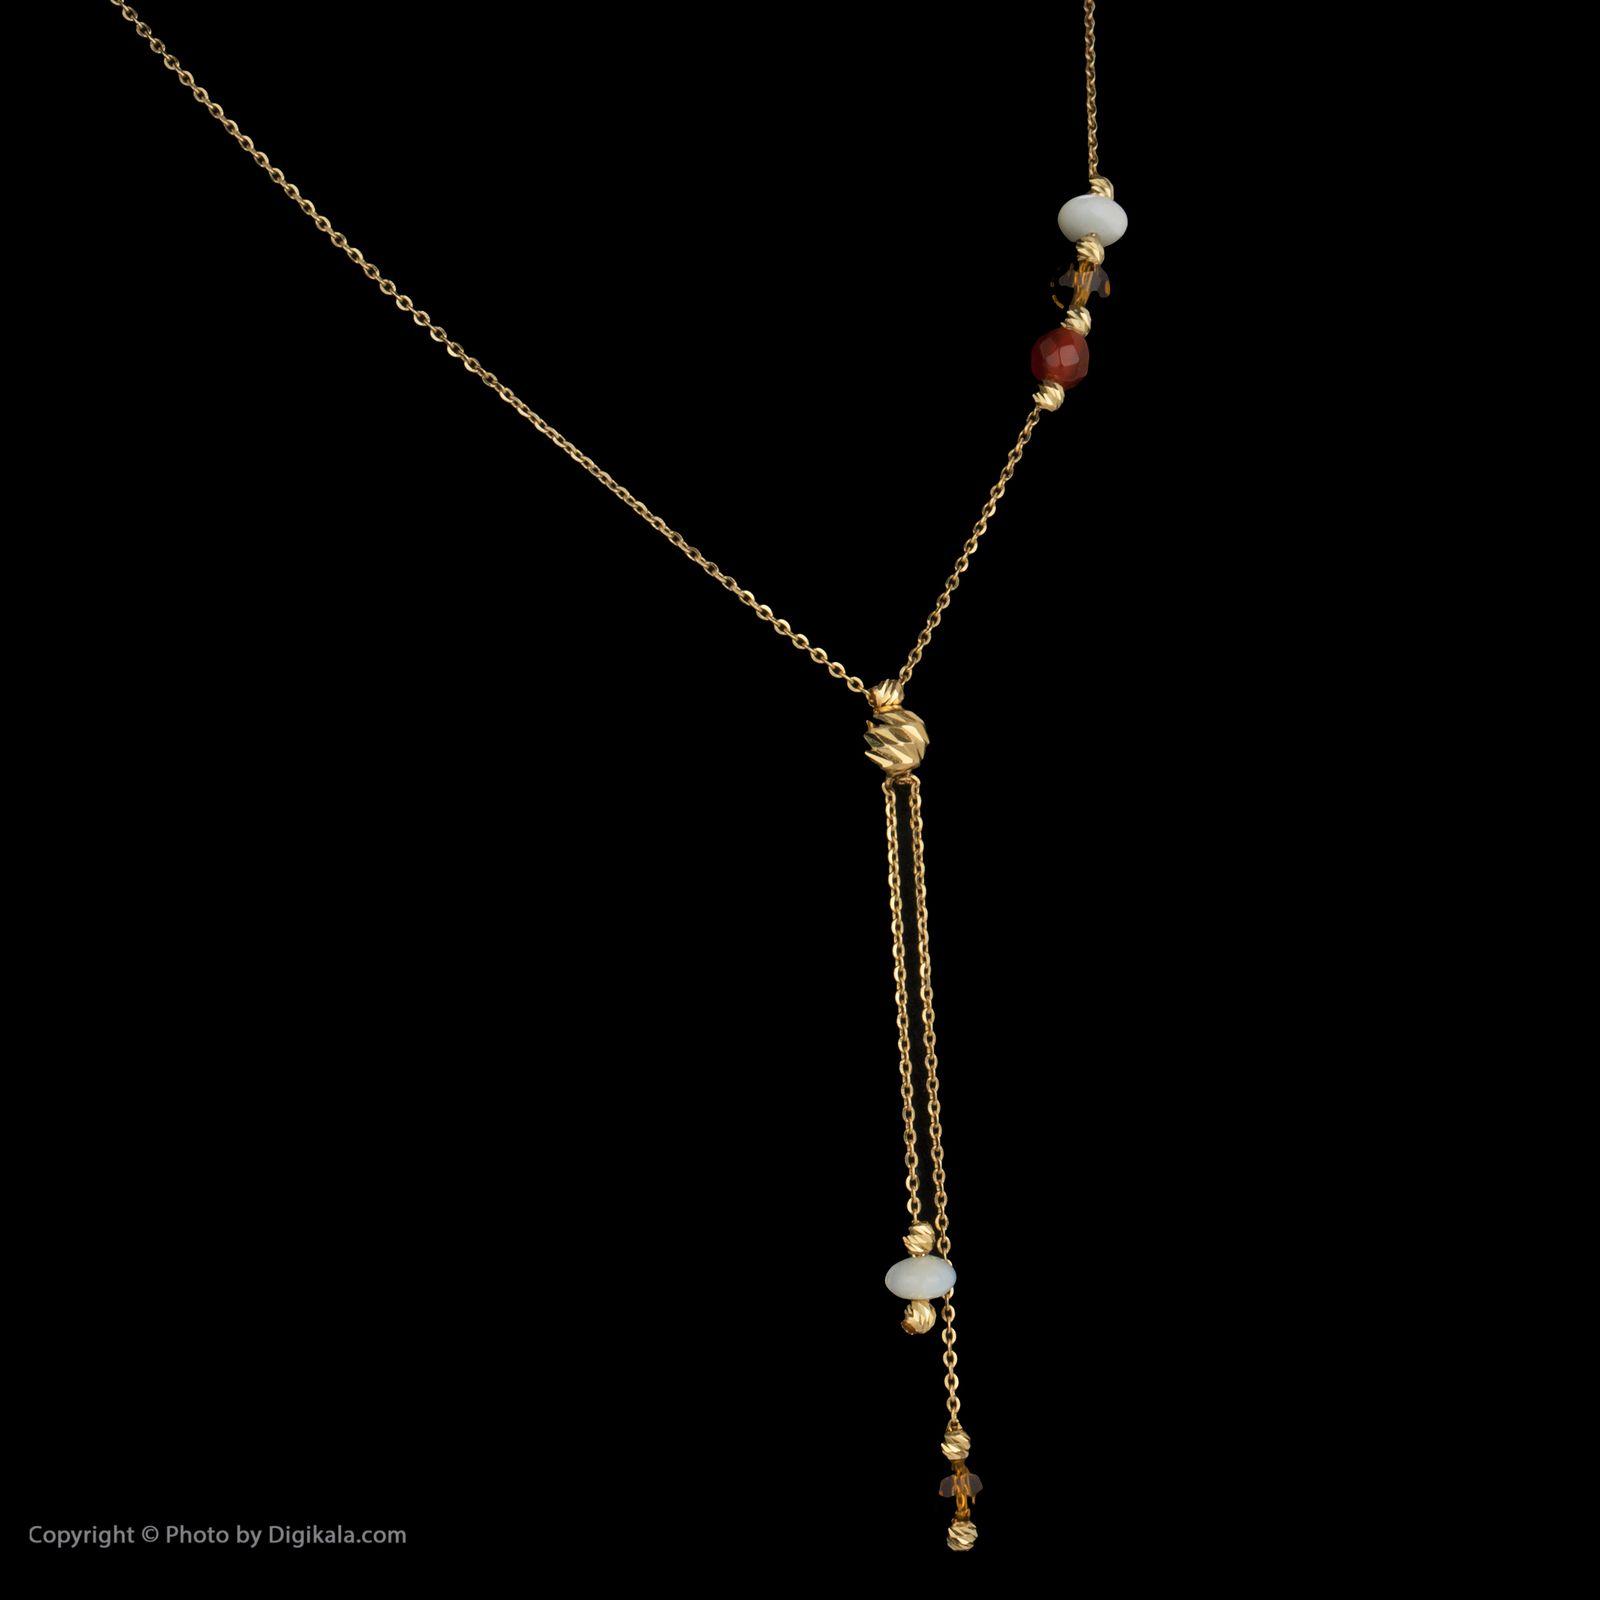 گردنبند طلا 18 عیار زنانه سیودو مدل 145816 -  - 4